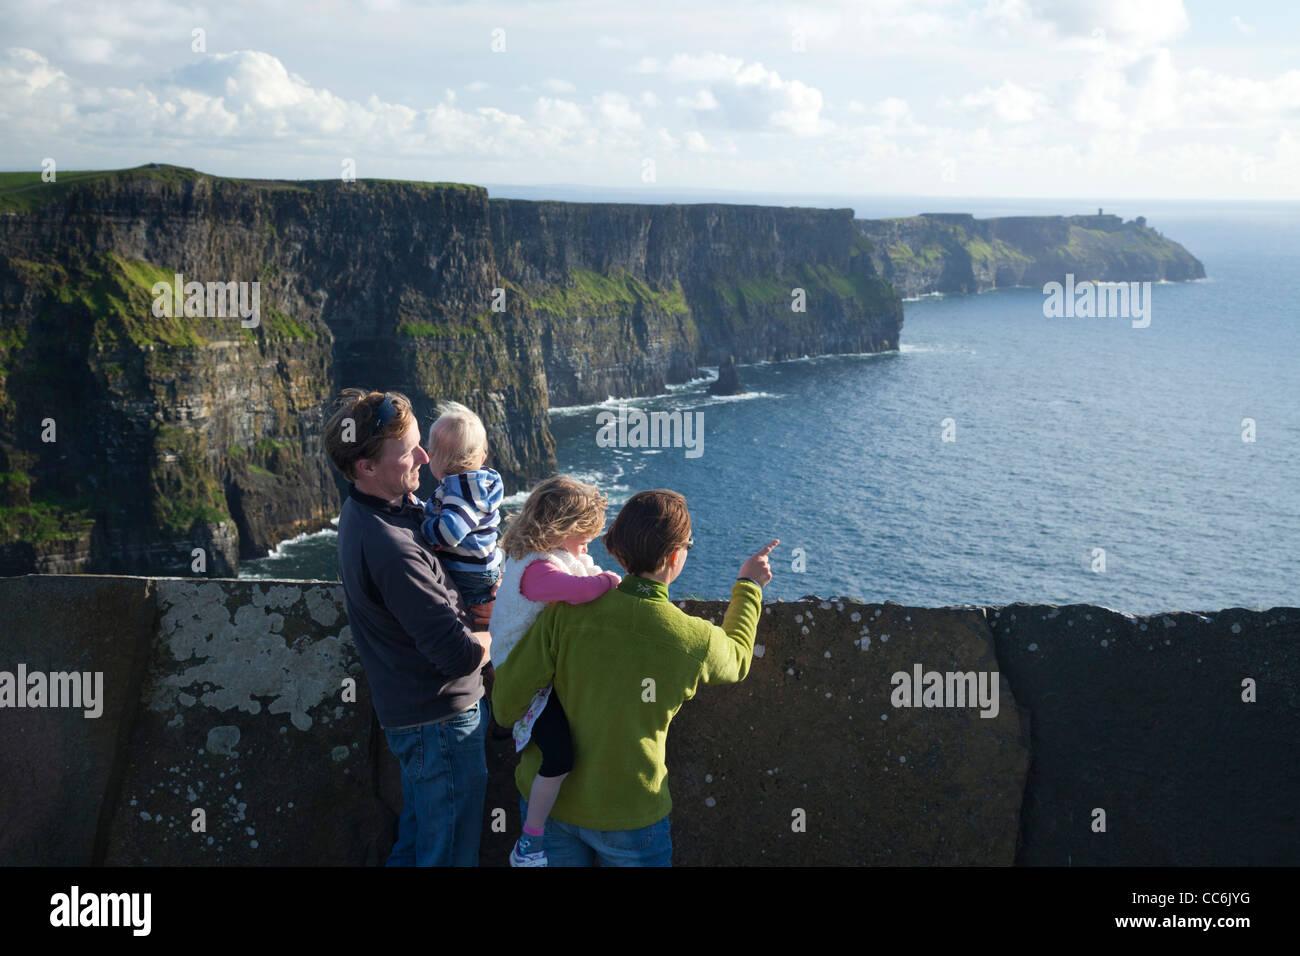 Famille en profitant de la vue sur les falaises de Moher, le Burren, comté de Clare, Irlande. Photo Stock